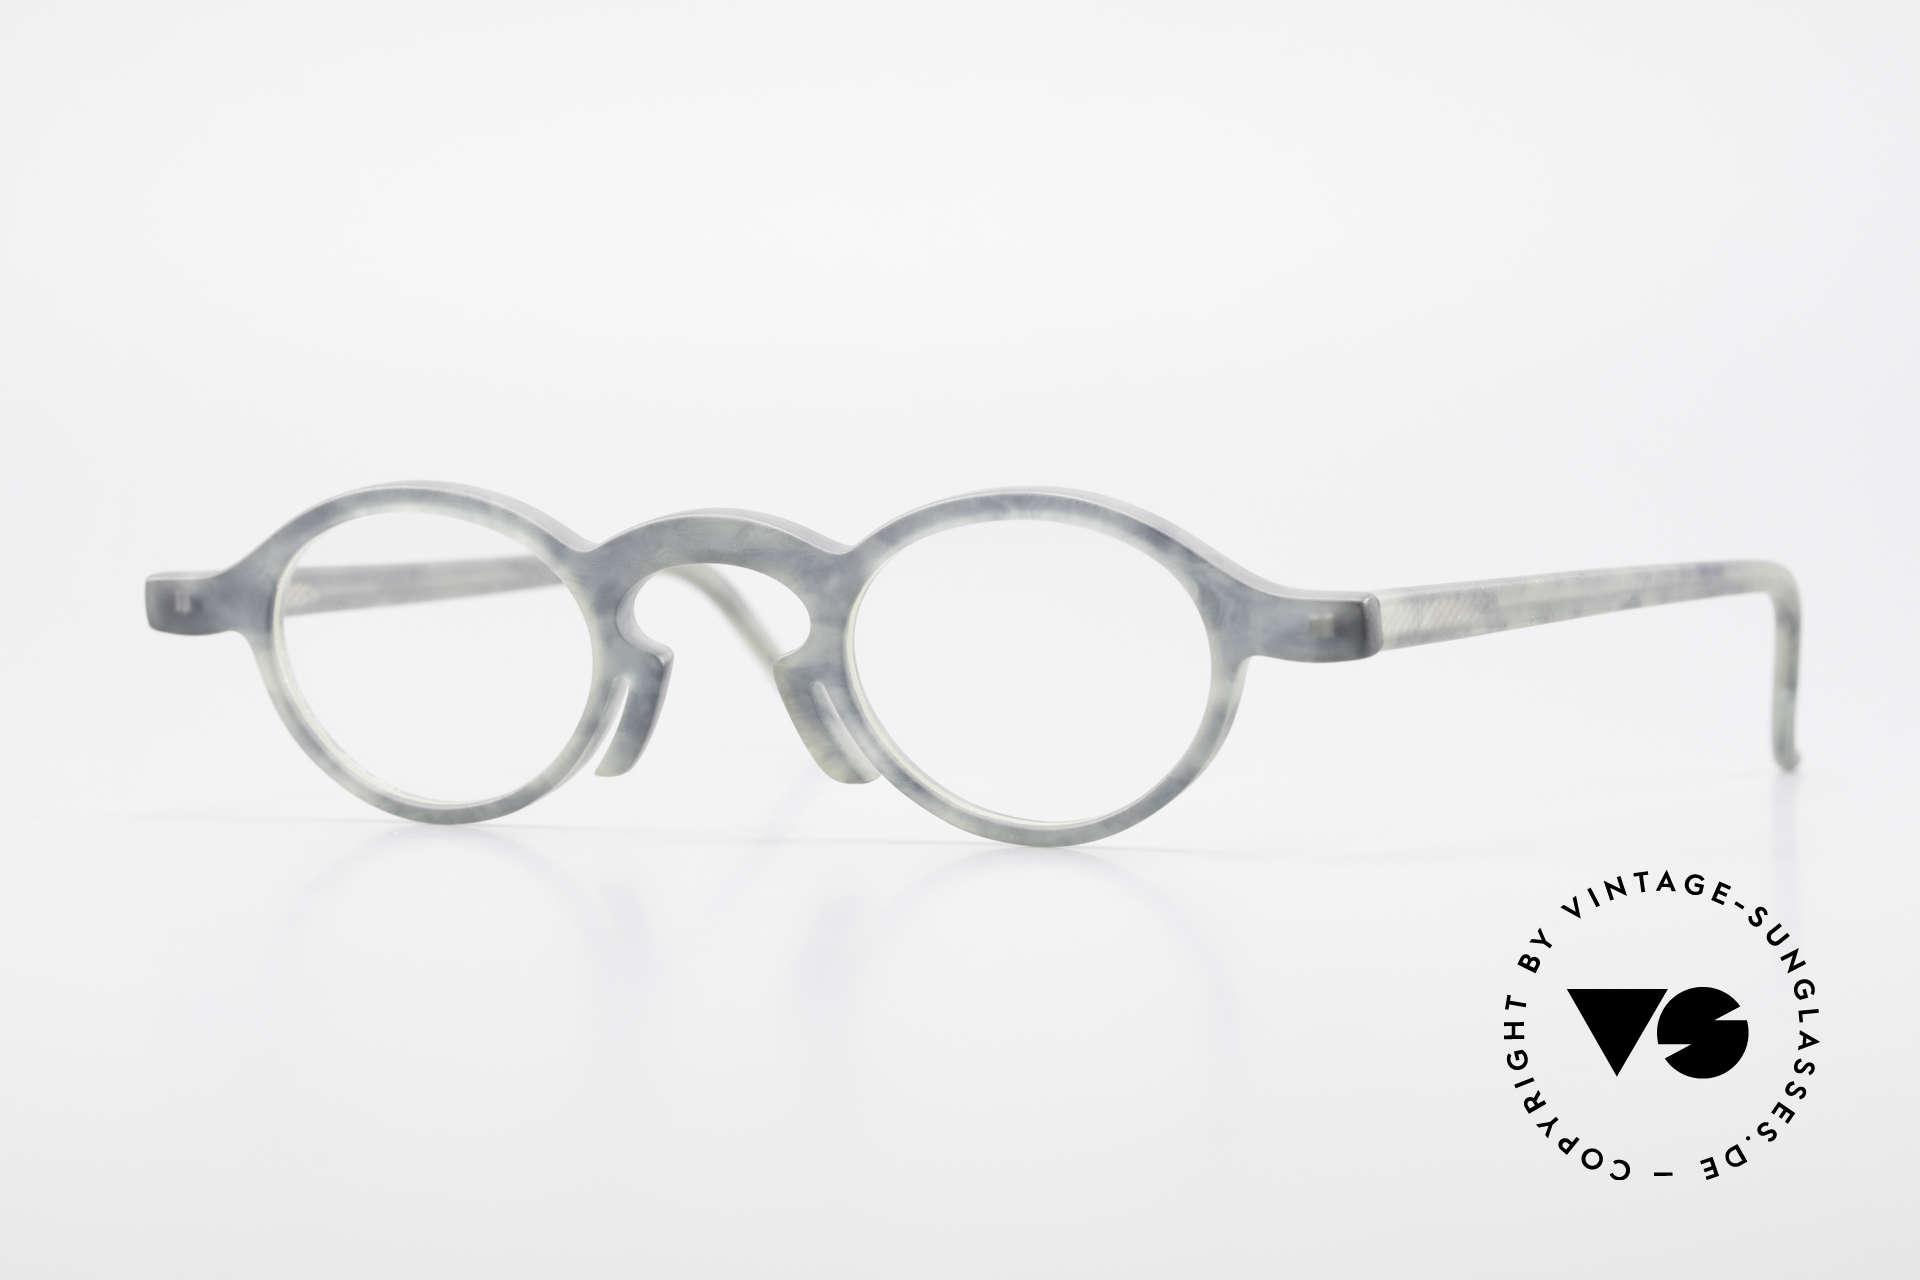 Theo Belgium Phone Interessantes Brillenmuster, vintage 90er Theo Belgium Brille in Elfenbein-Optik, Passend für Herren und Damen